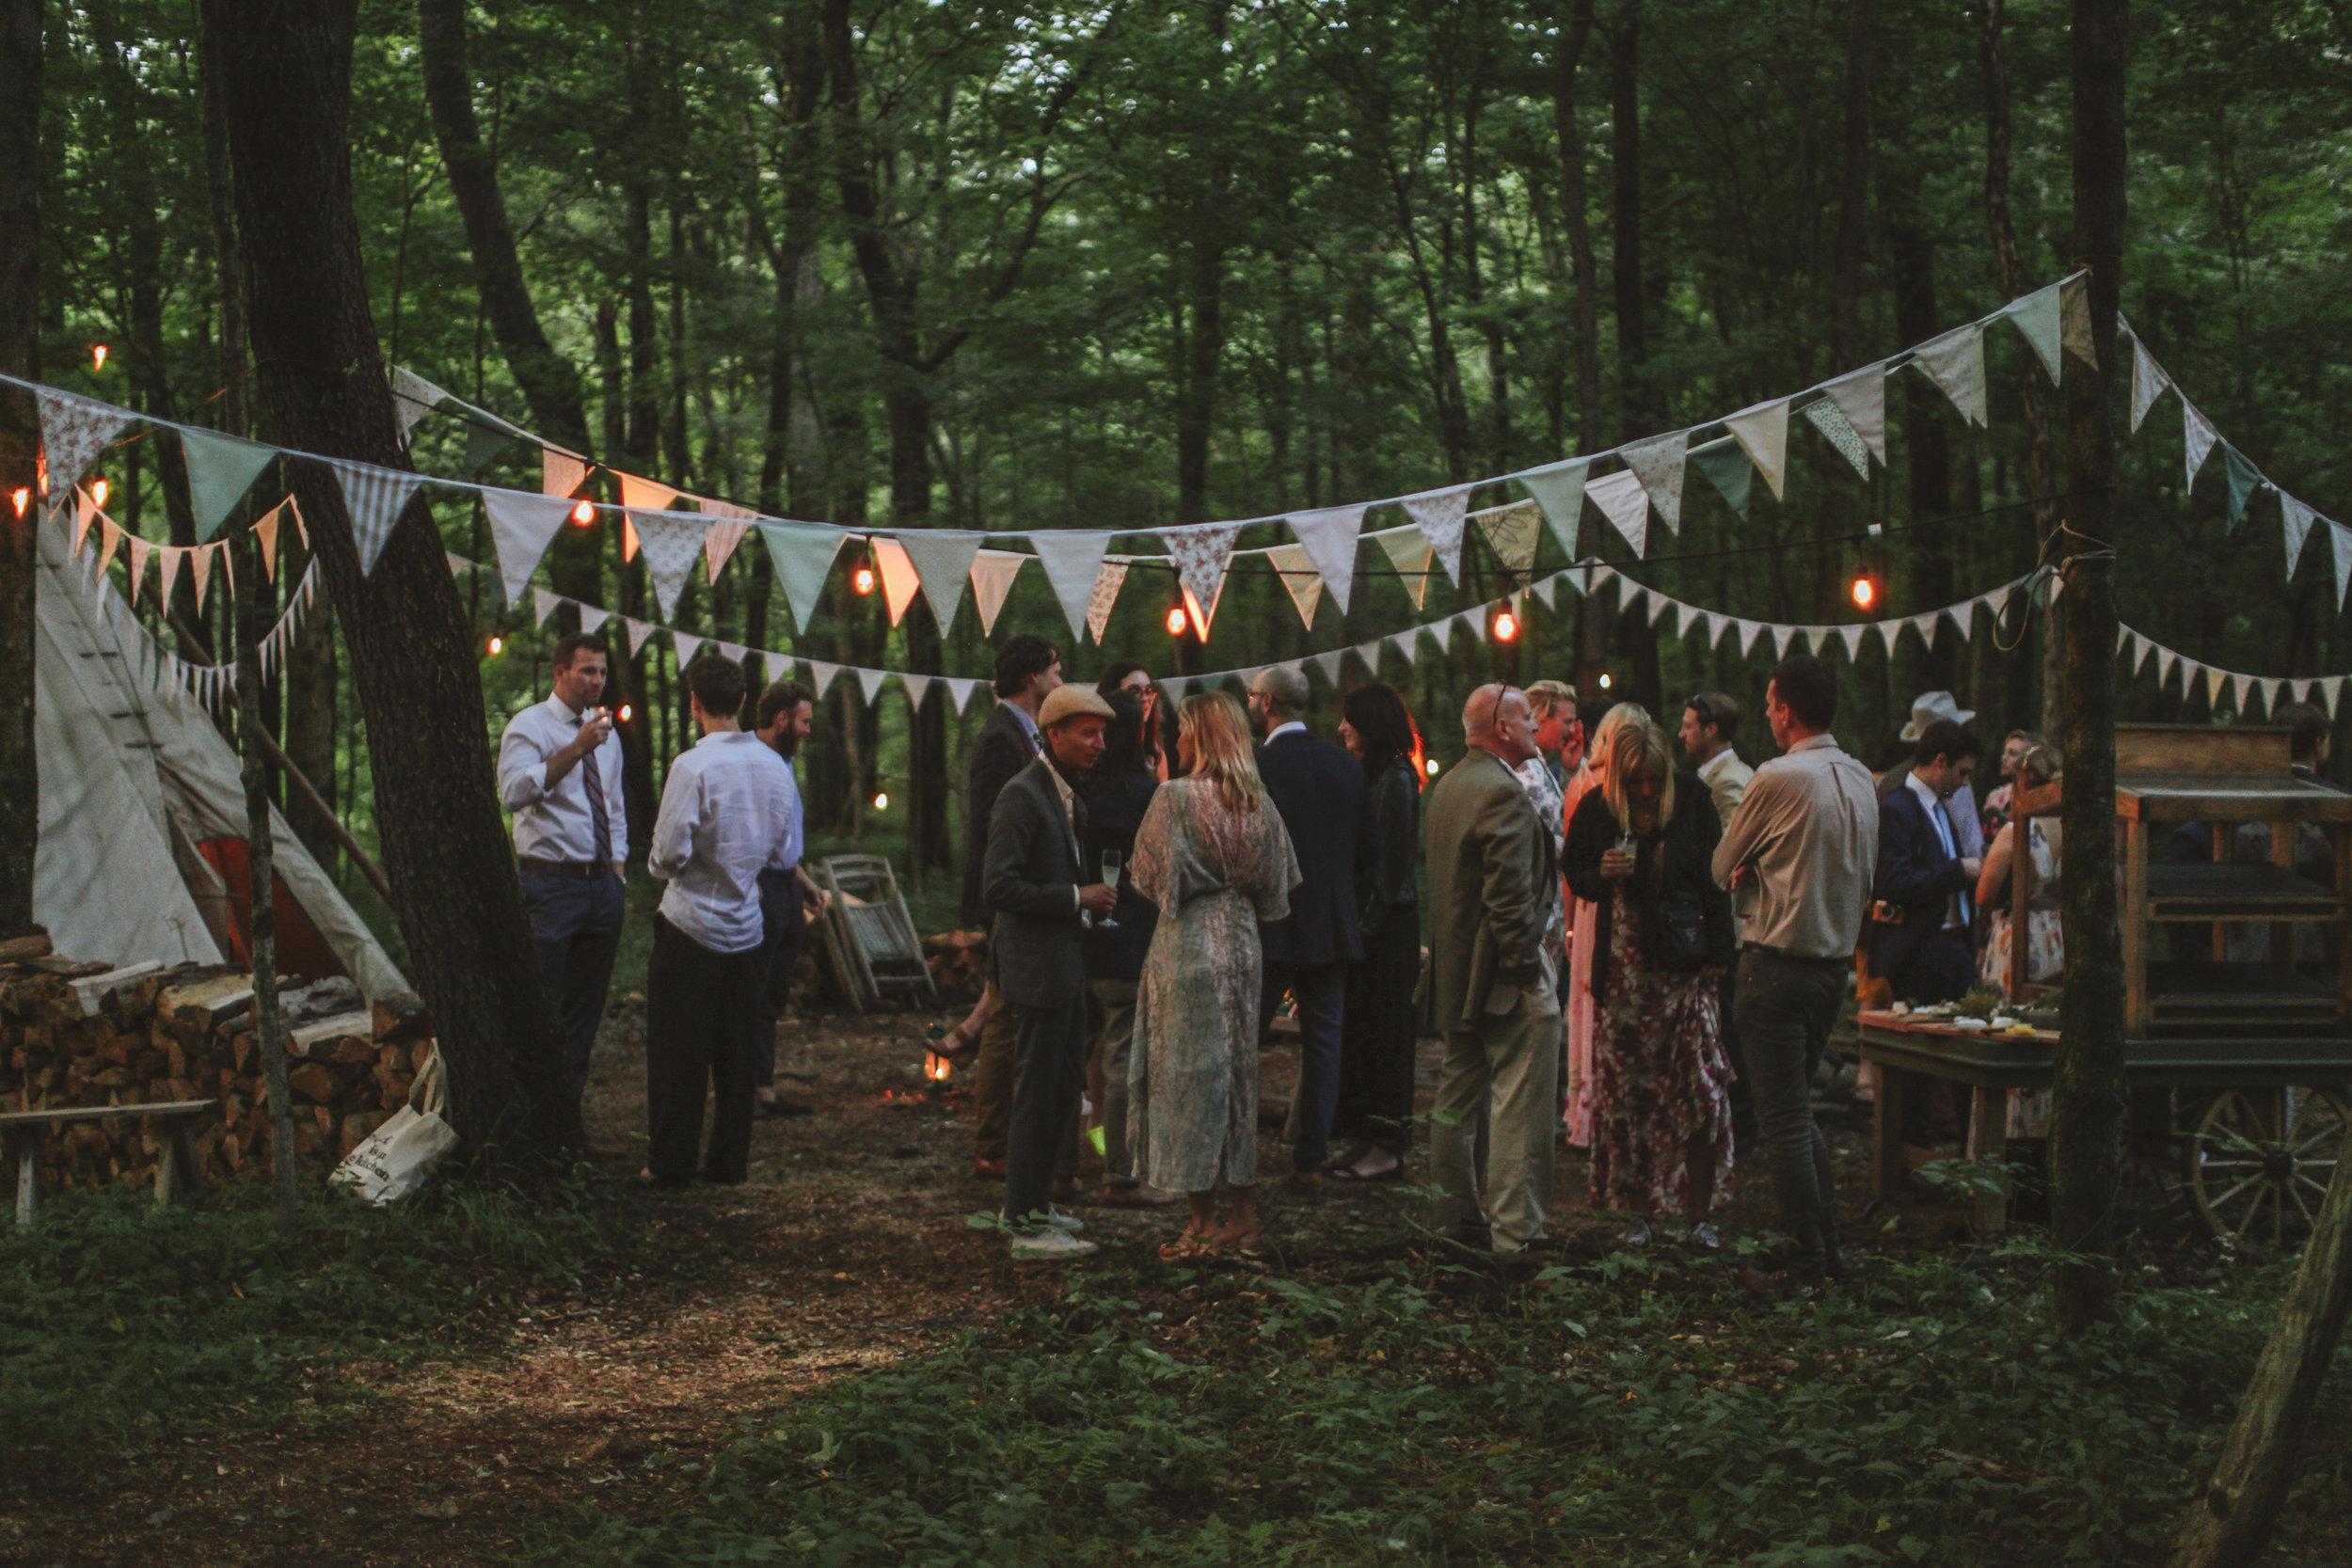 wedding_in_the_wild_reception-54.jpg